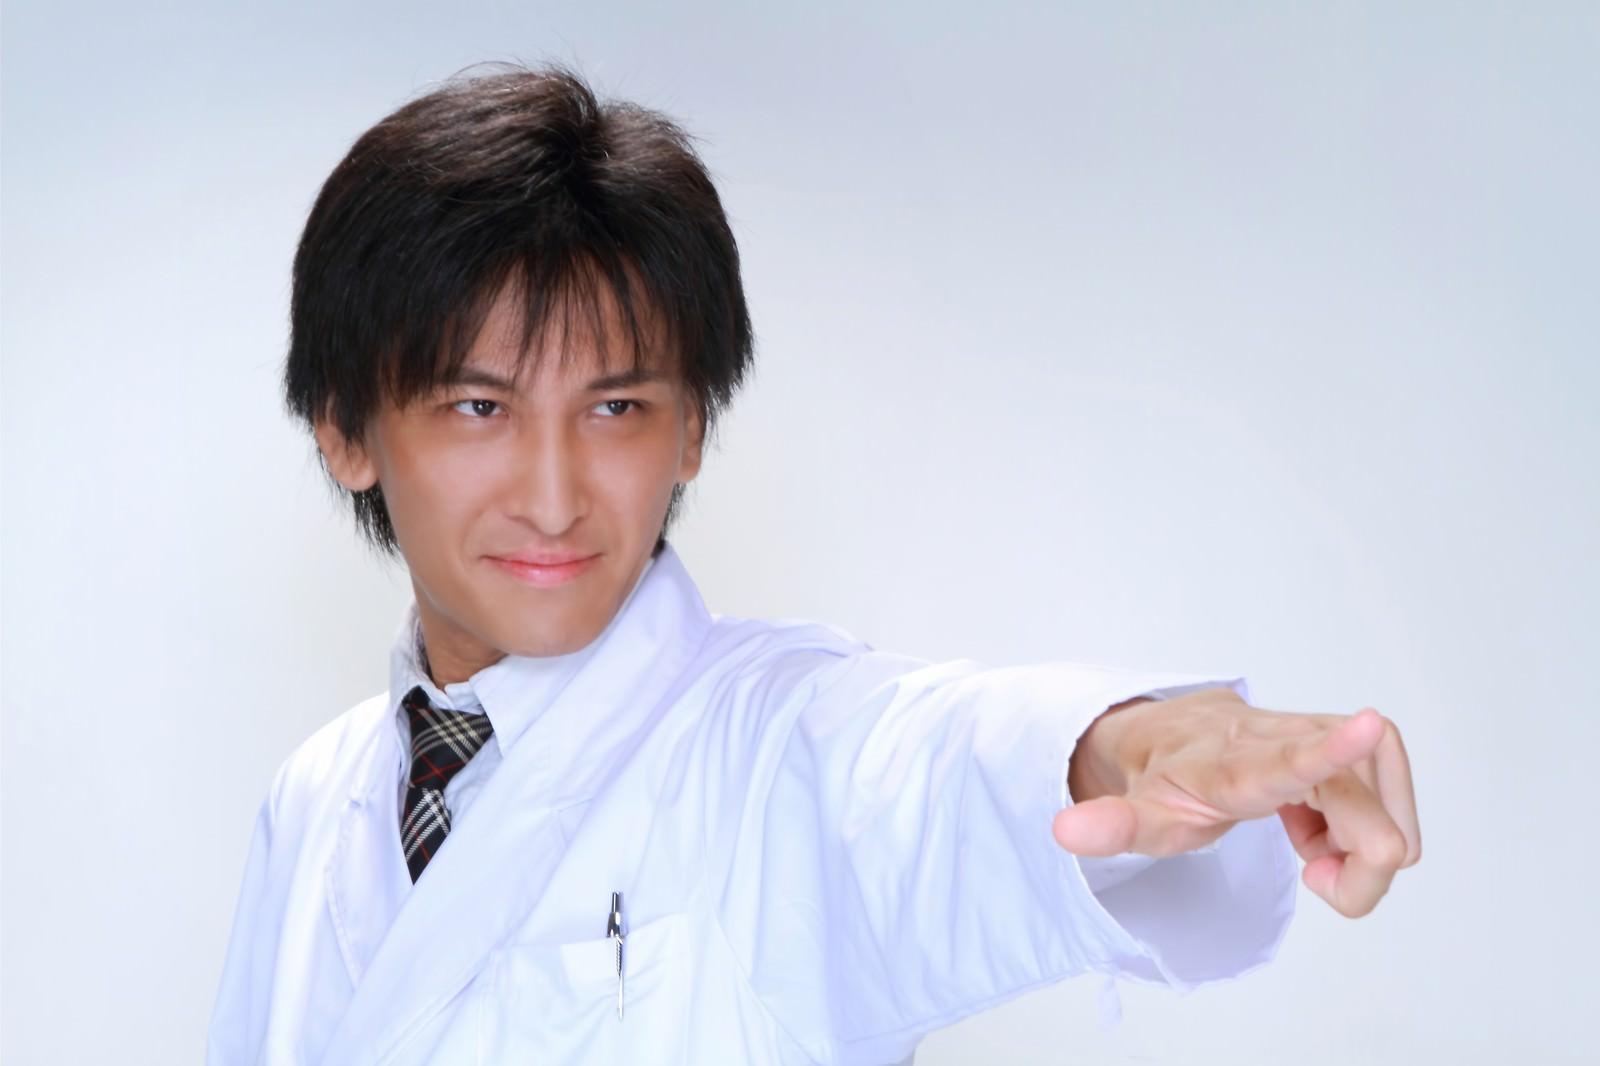 「医療の現場にメスを!と指をさす男性」の写真[モデル:ACE]